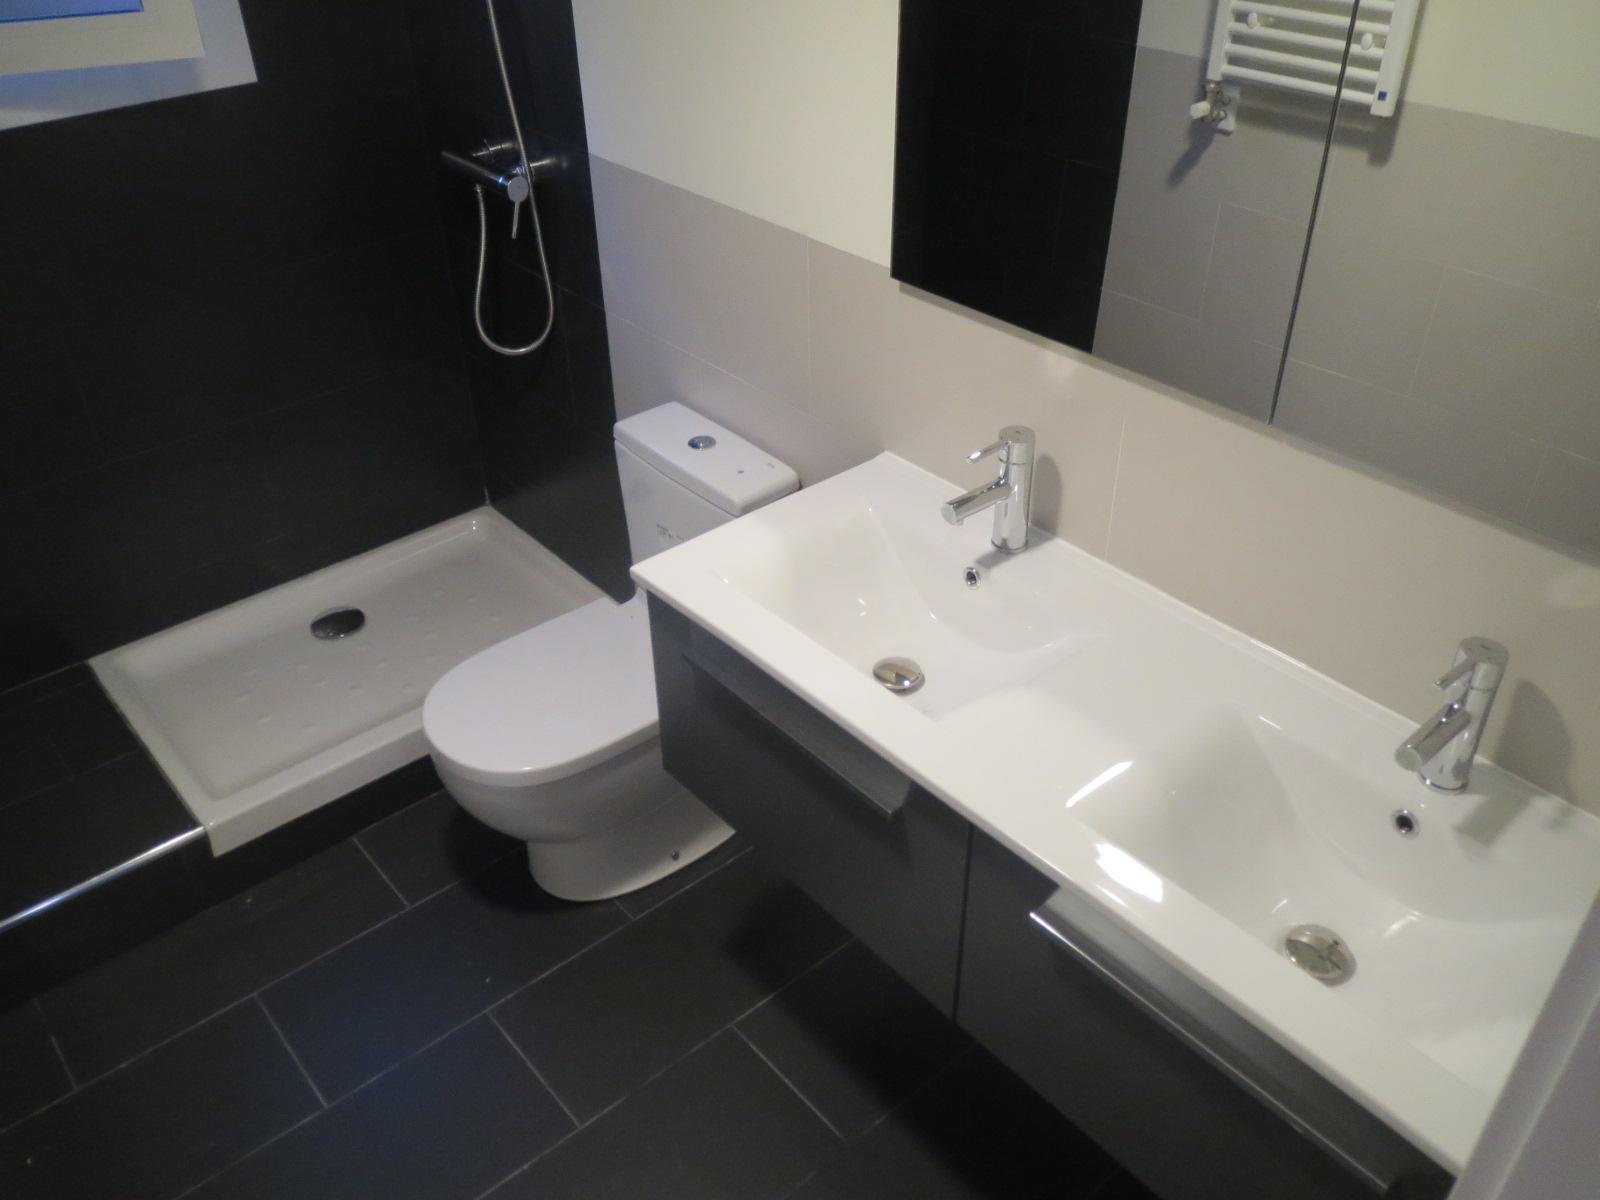 Baño Reformado Ducha:Baño reformado y equipado